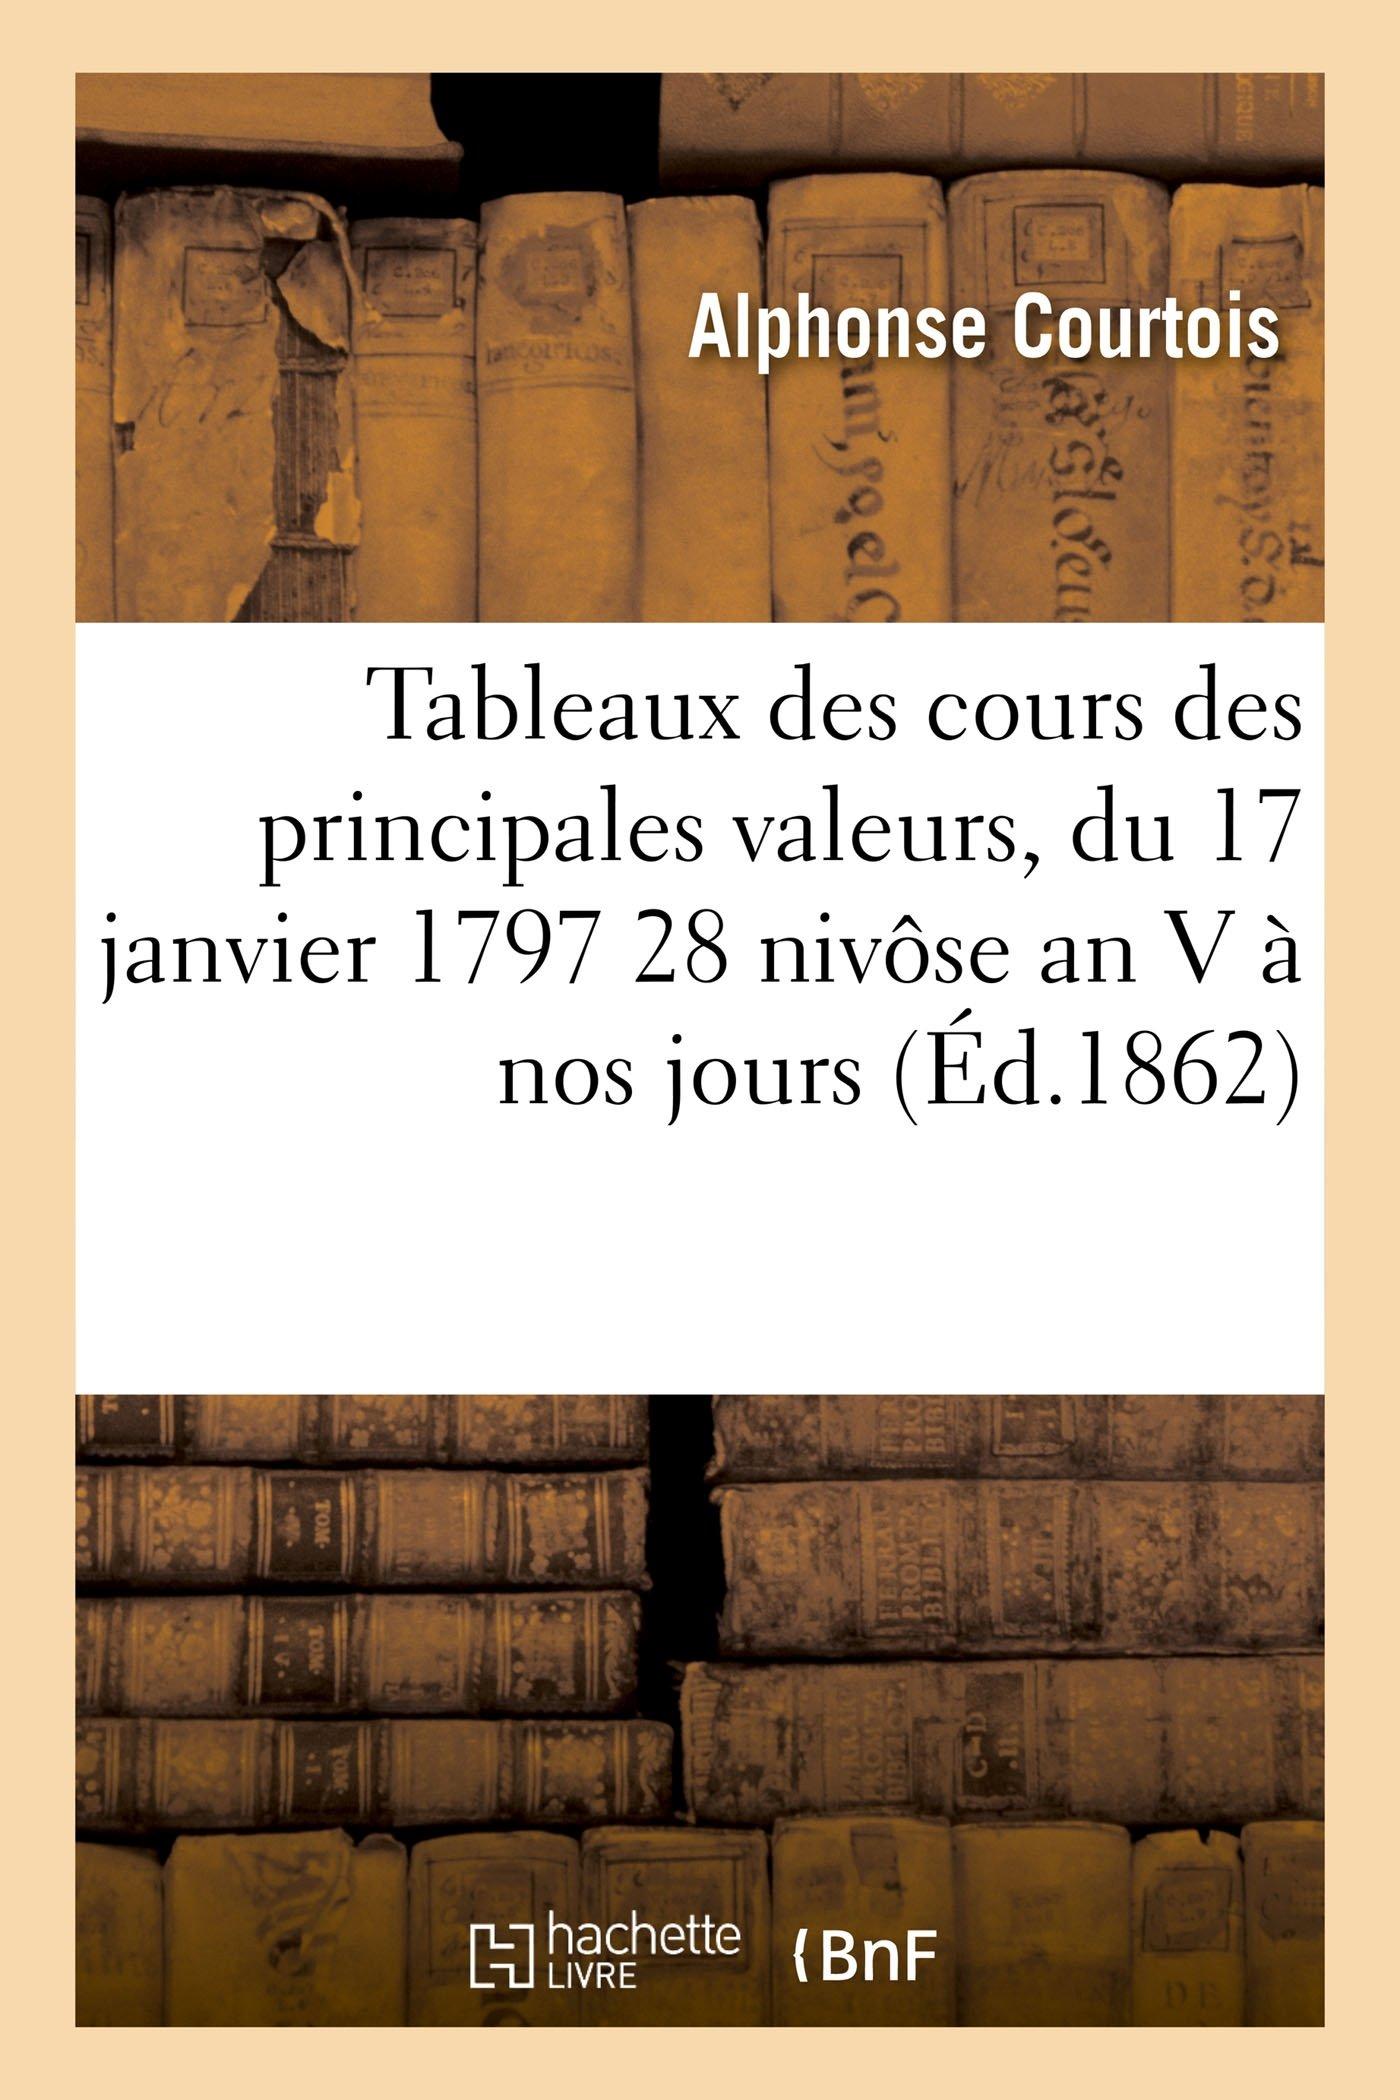 Read Online Tableaux Des Cours Des Principales Valeurs, Du 17 Janvier 1797 28 Nivôse an V À Nos Jours (Sciences Sociales) (French Edition) PDF